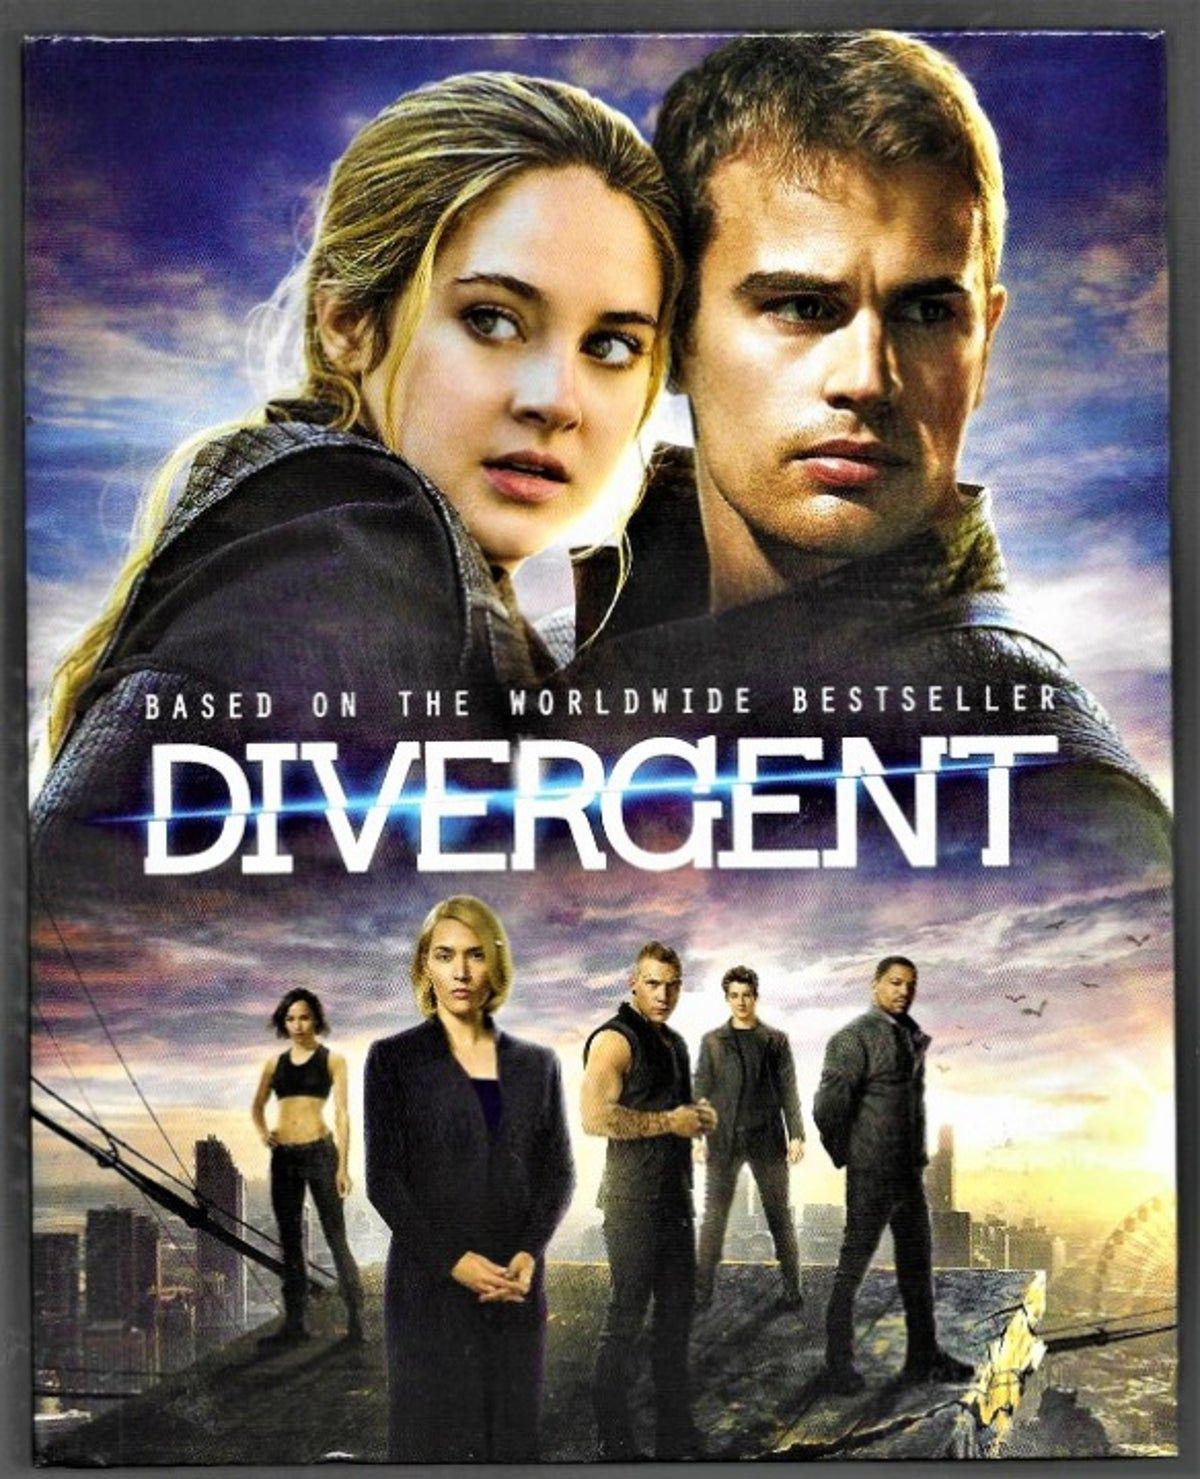 Pin By Chidubem On Divergent Movie In 2020 Divergent Movie Divergent 2014 Full Movies Online Free